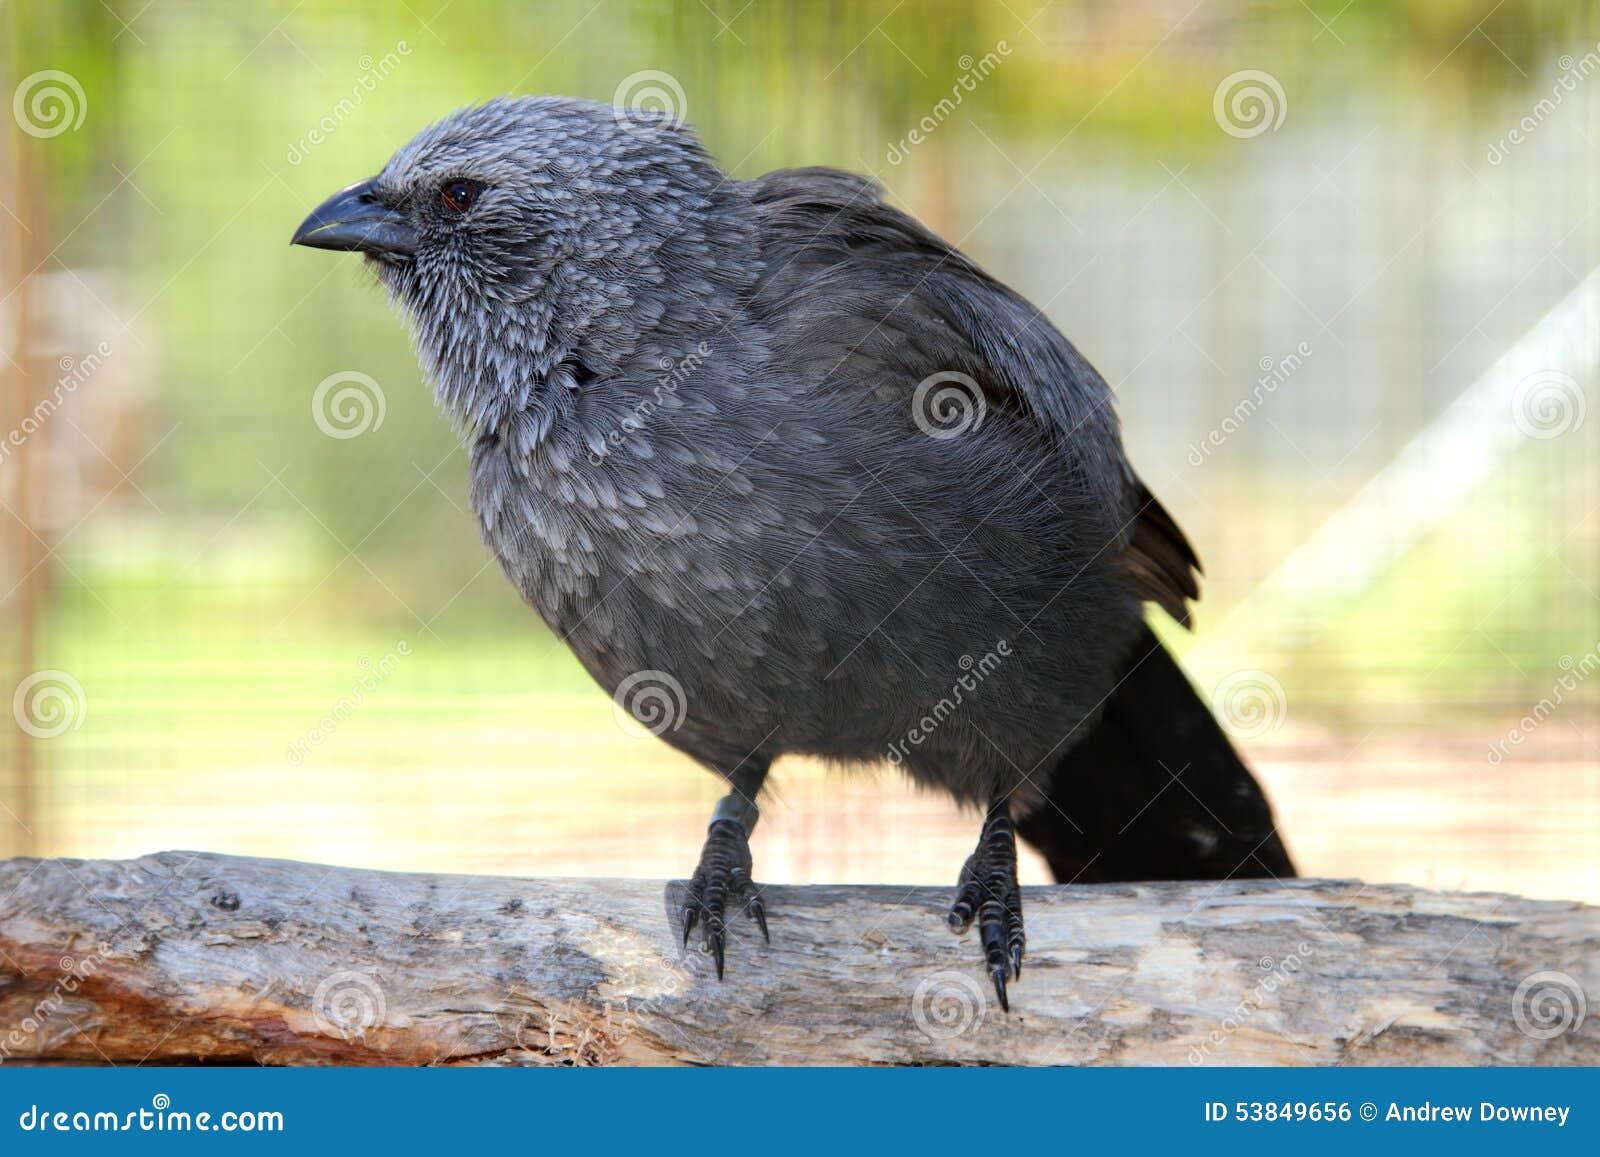 Apostle Bird with attitude